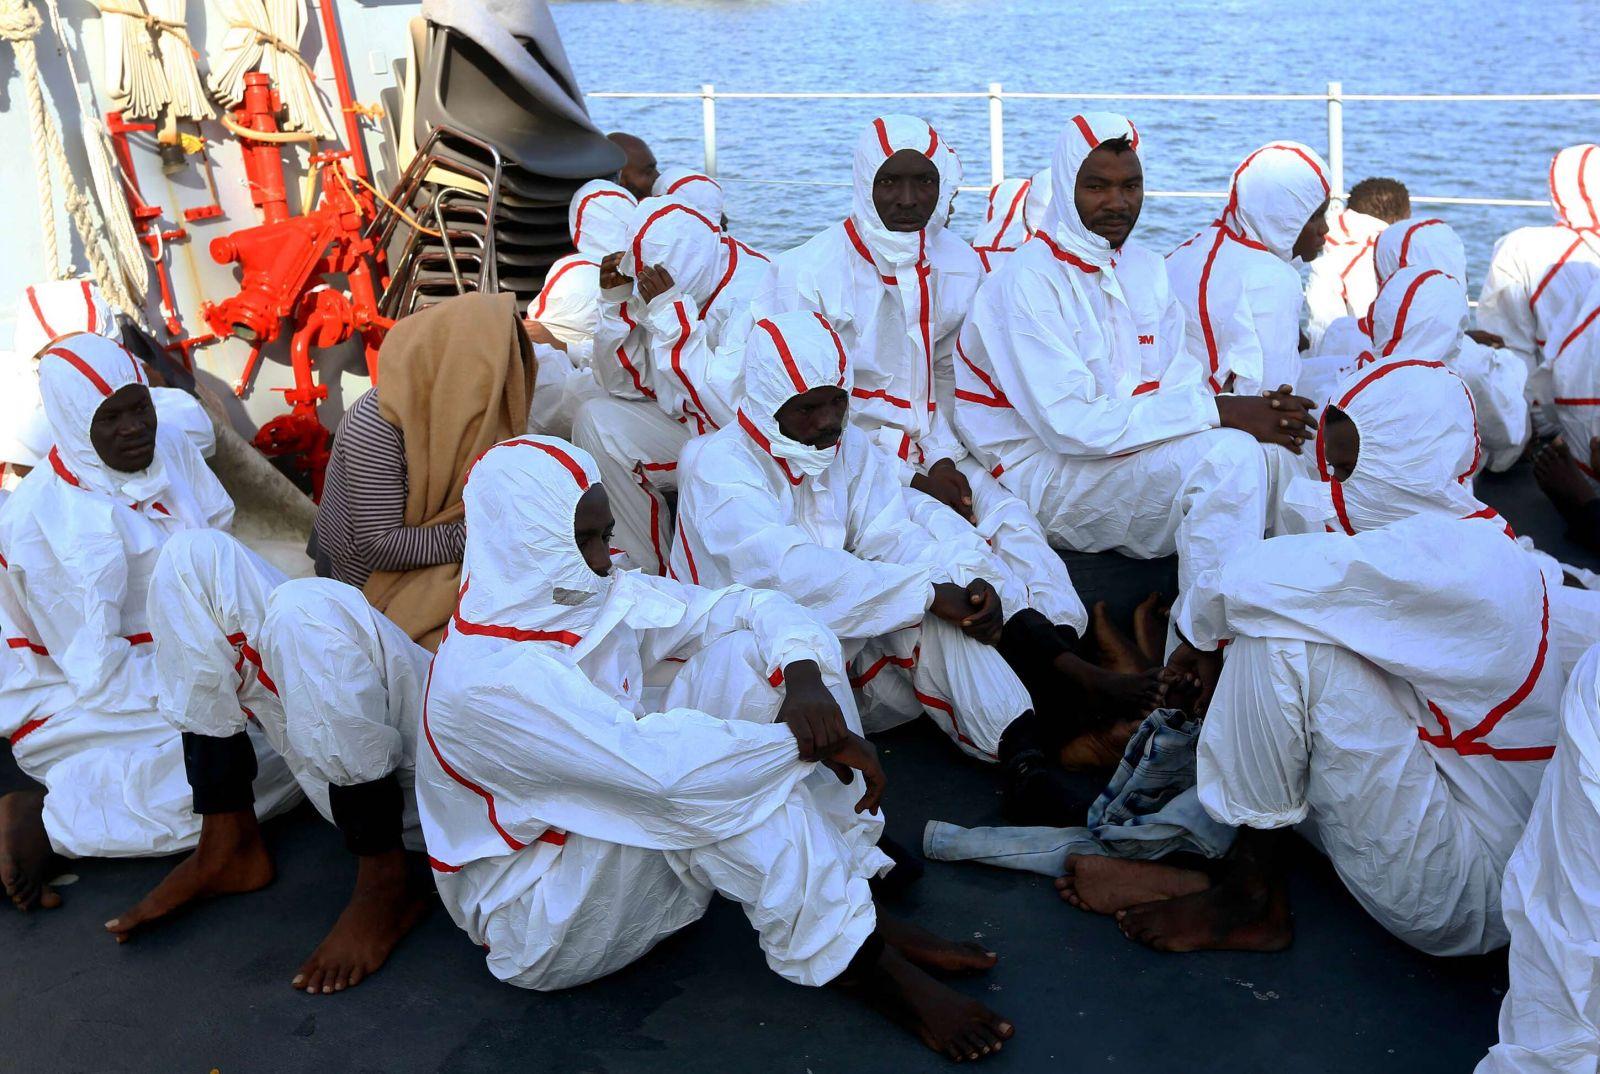 利比亞西岸31人溺亡